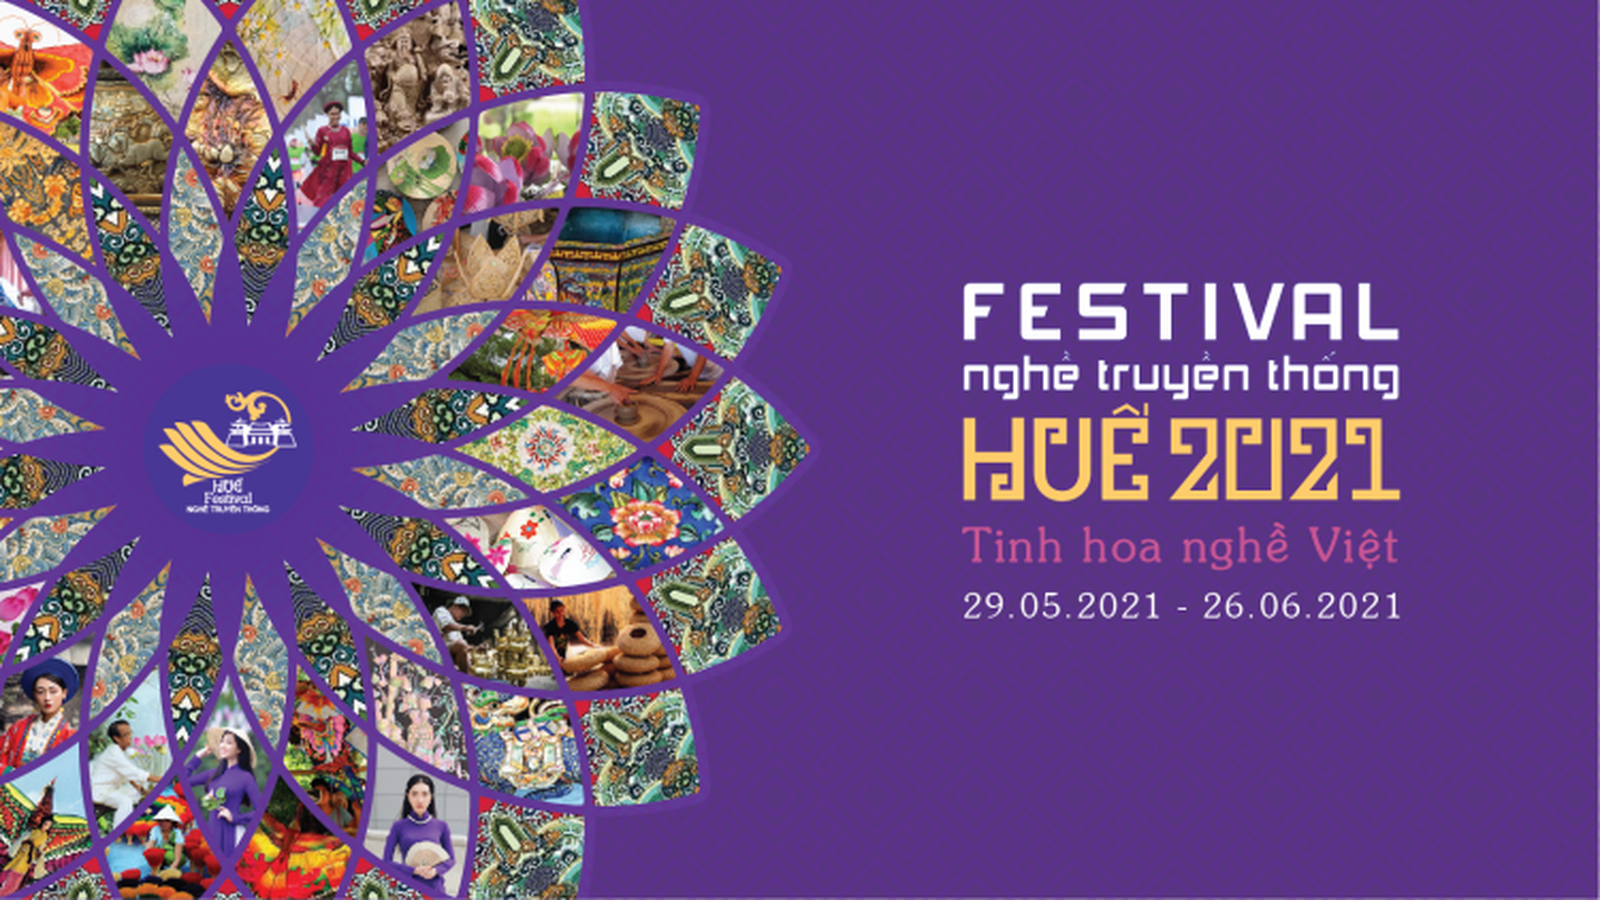 Đặc sắc các hoạt động tại Festival nghề truyền thống Huế 2021